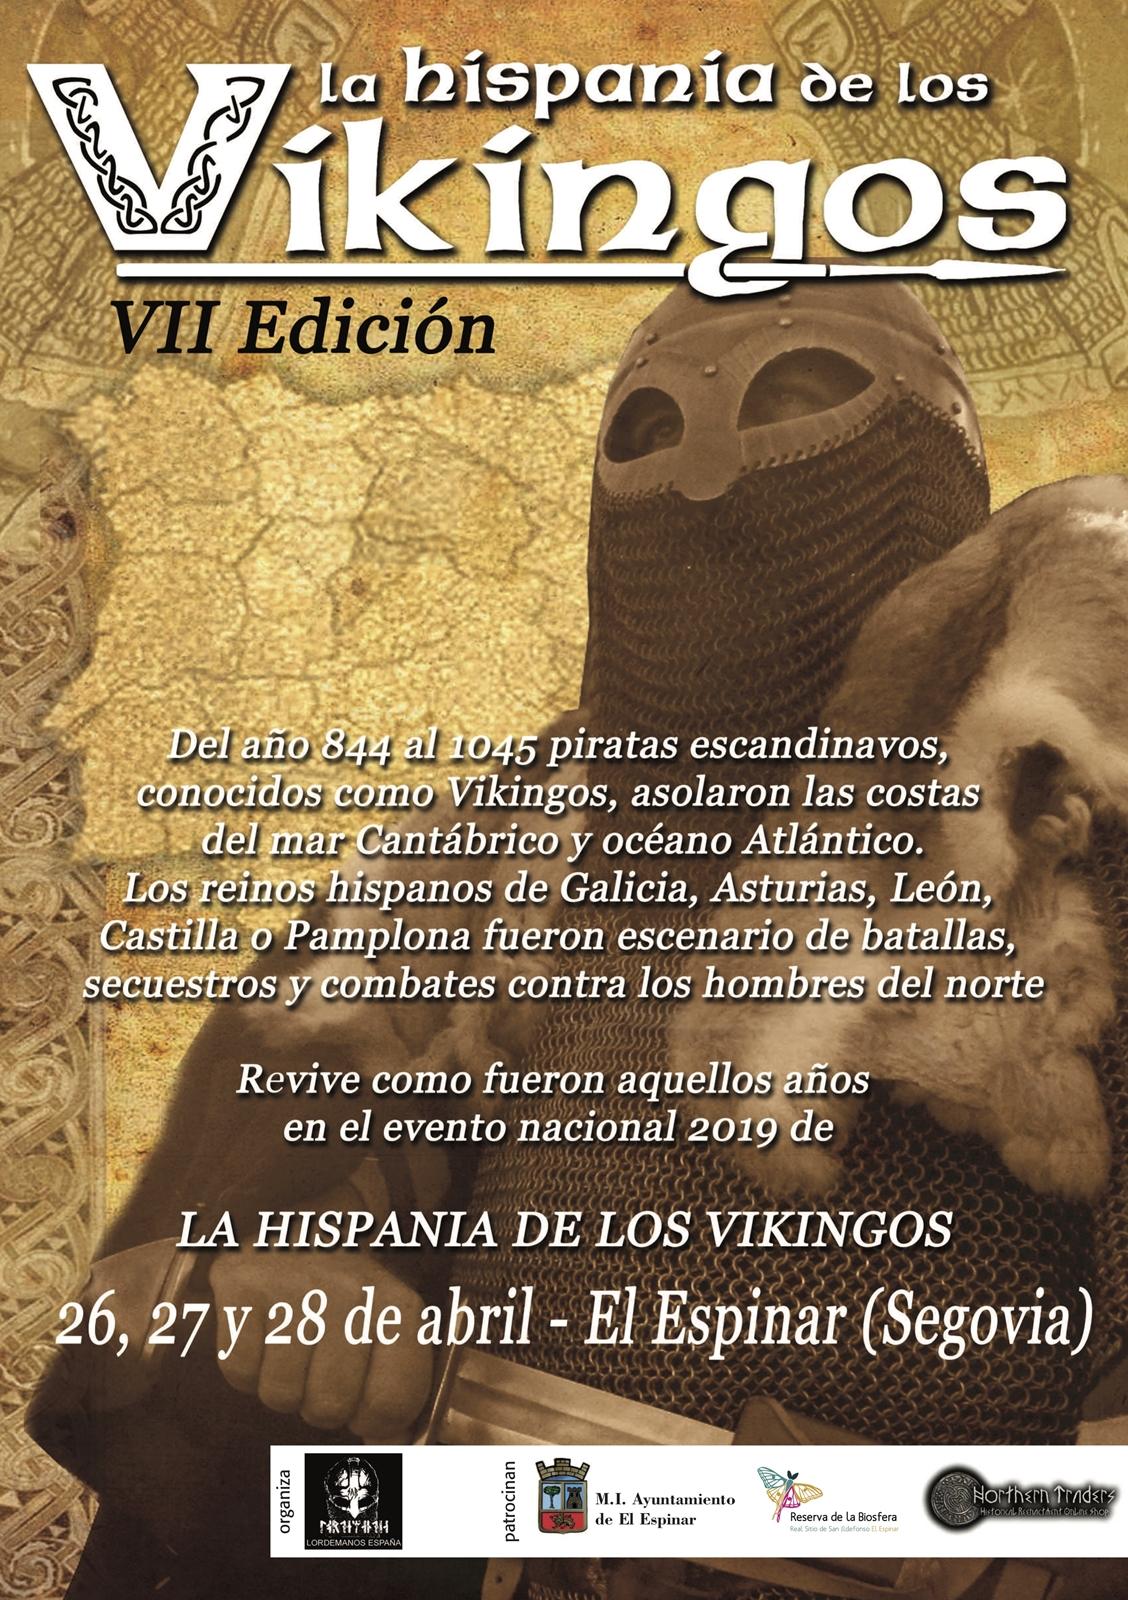 Hispania de los Vikingos 2019